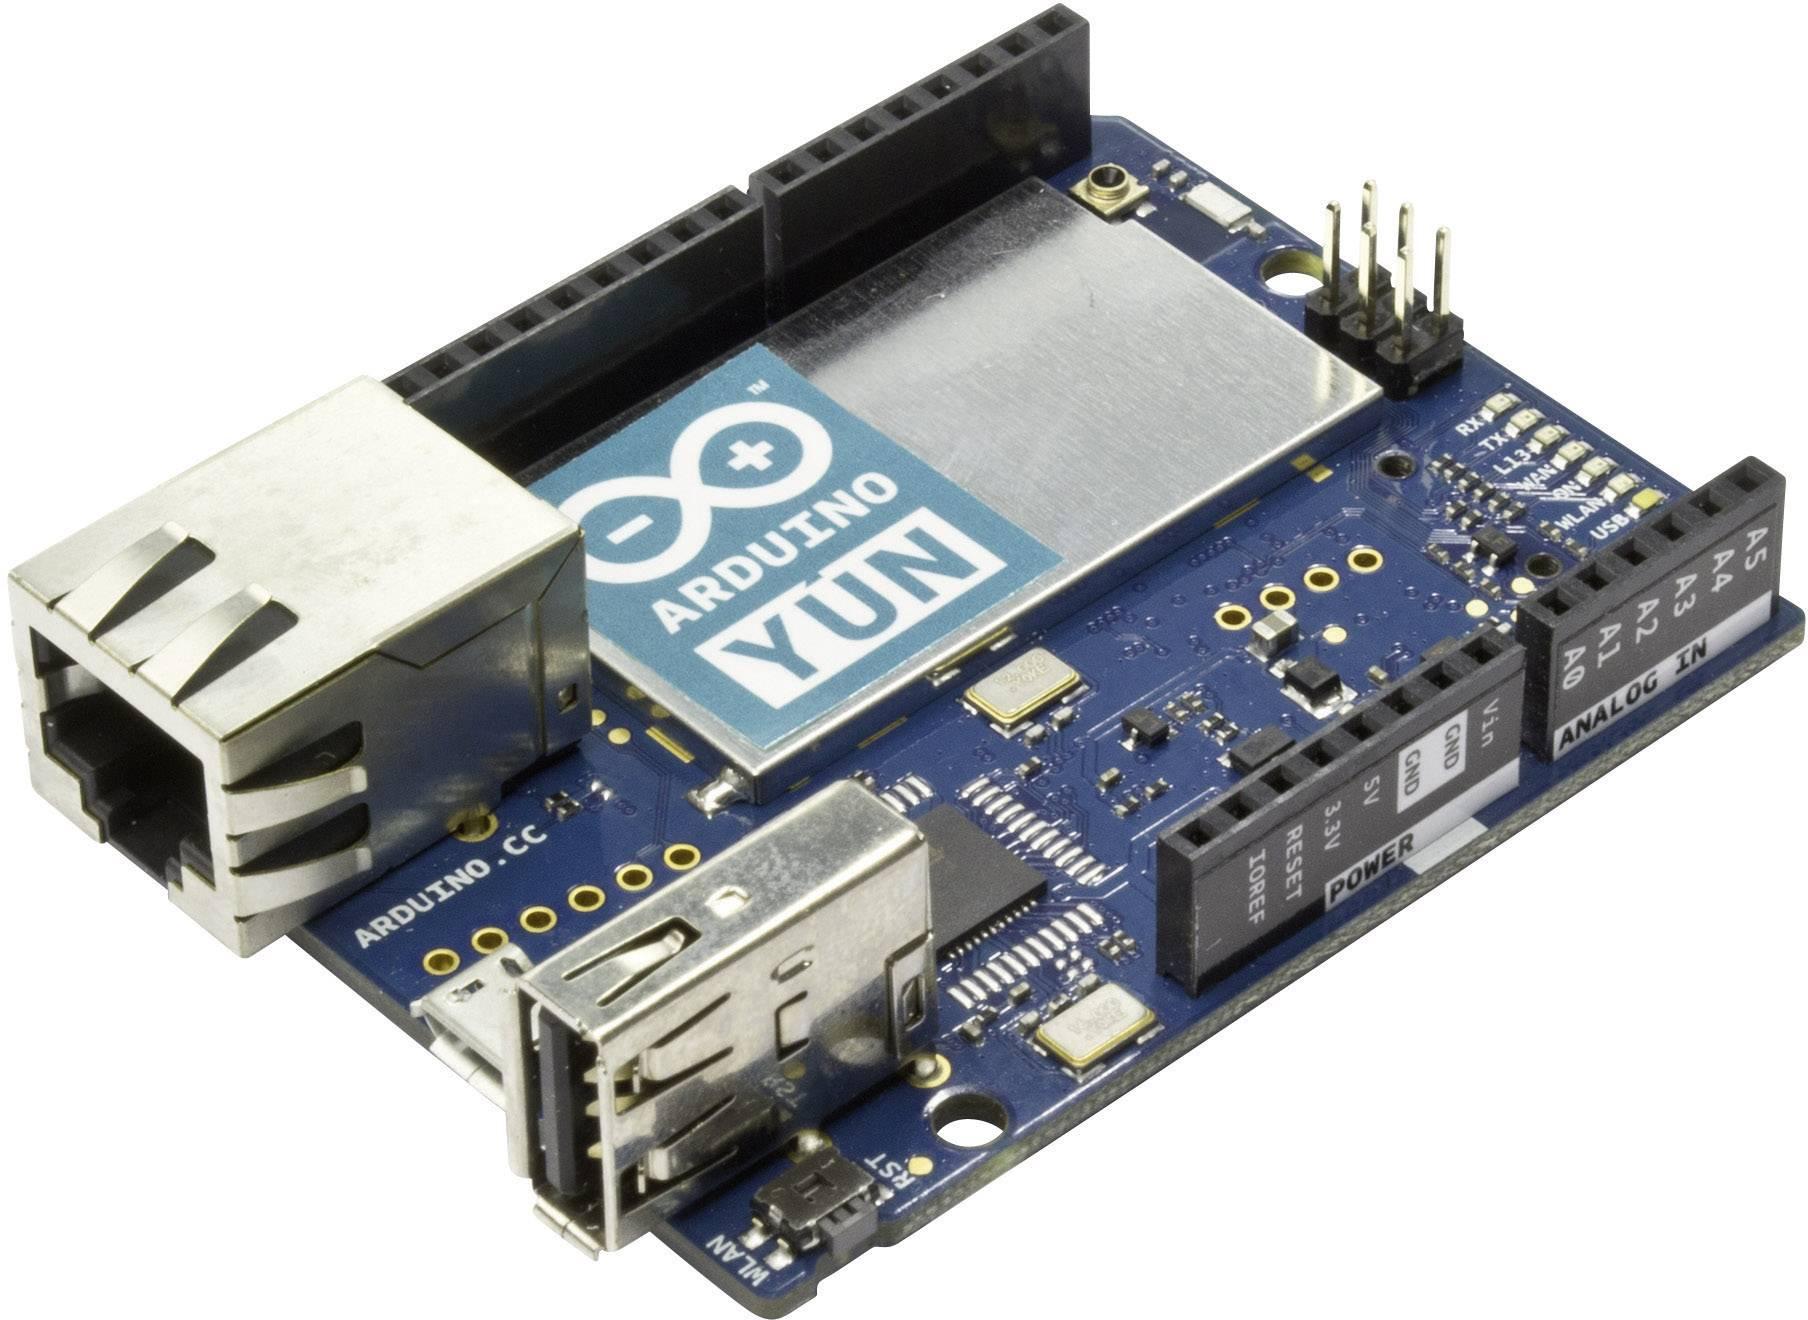 Doska Arduino Yun A000008, ATMega32, Ethernet, SD karta